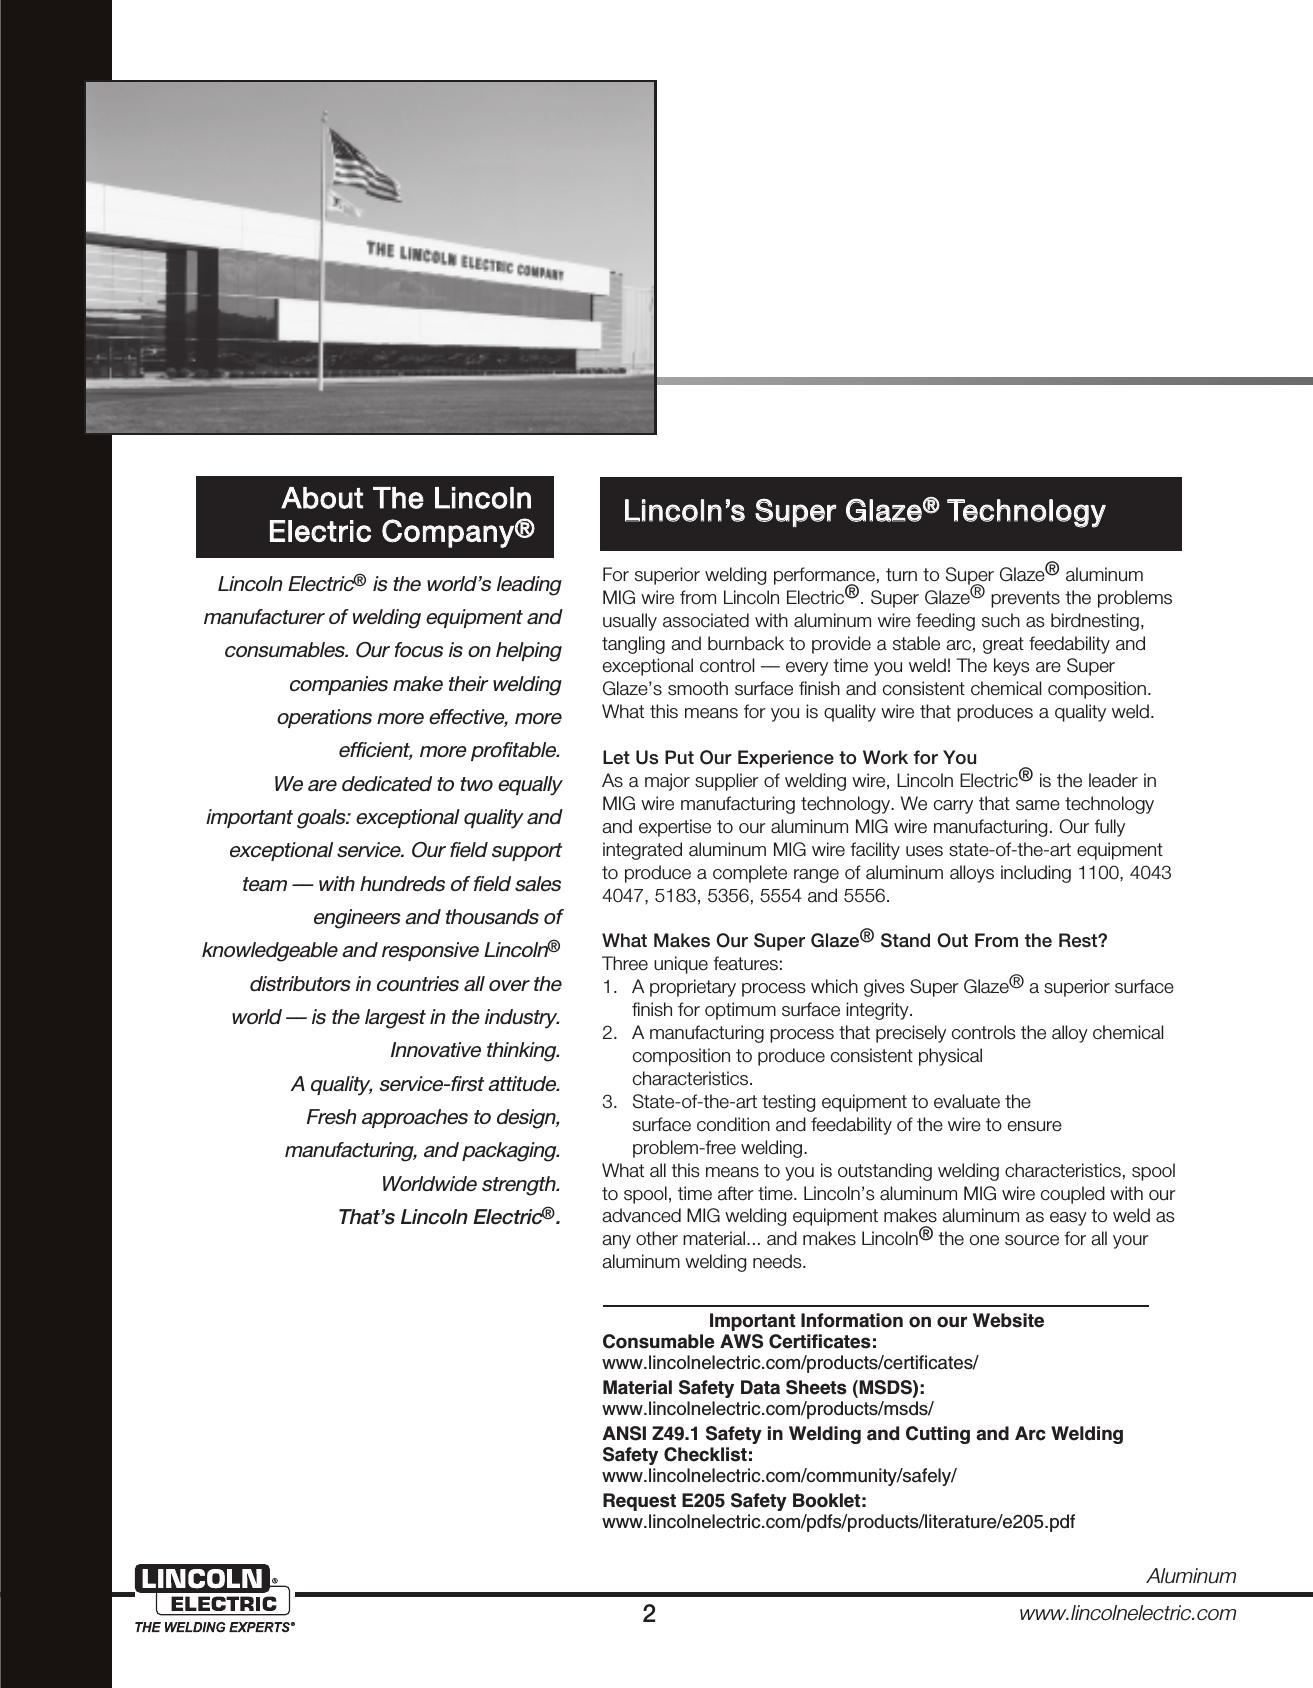 SuperGlaze Aluminum MIG Welding Guide (pdf) Metallurgy And